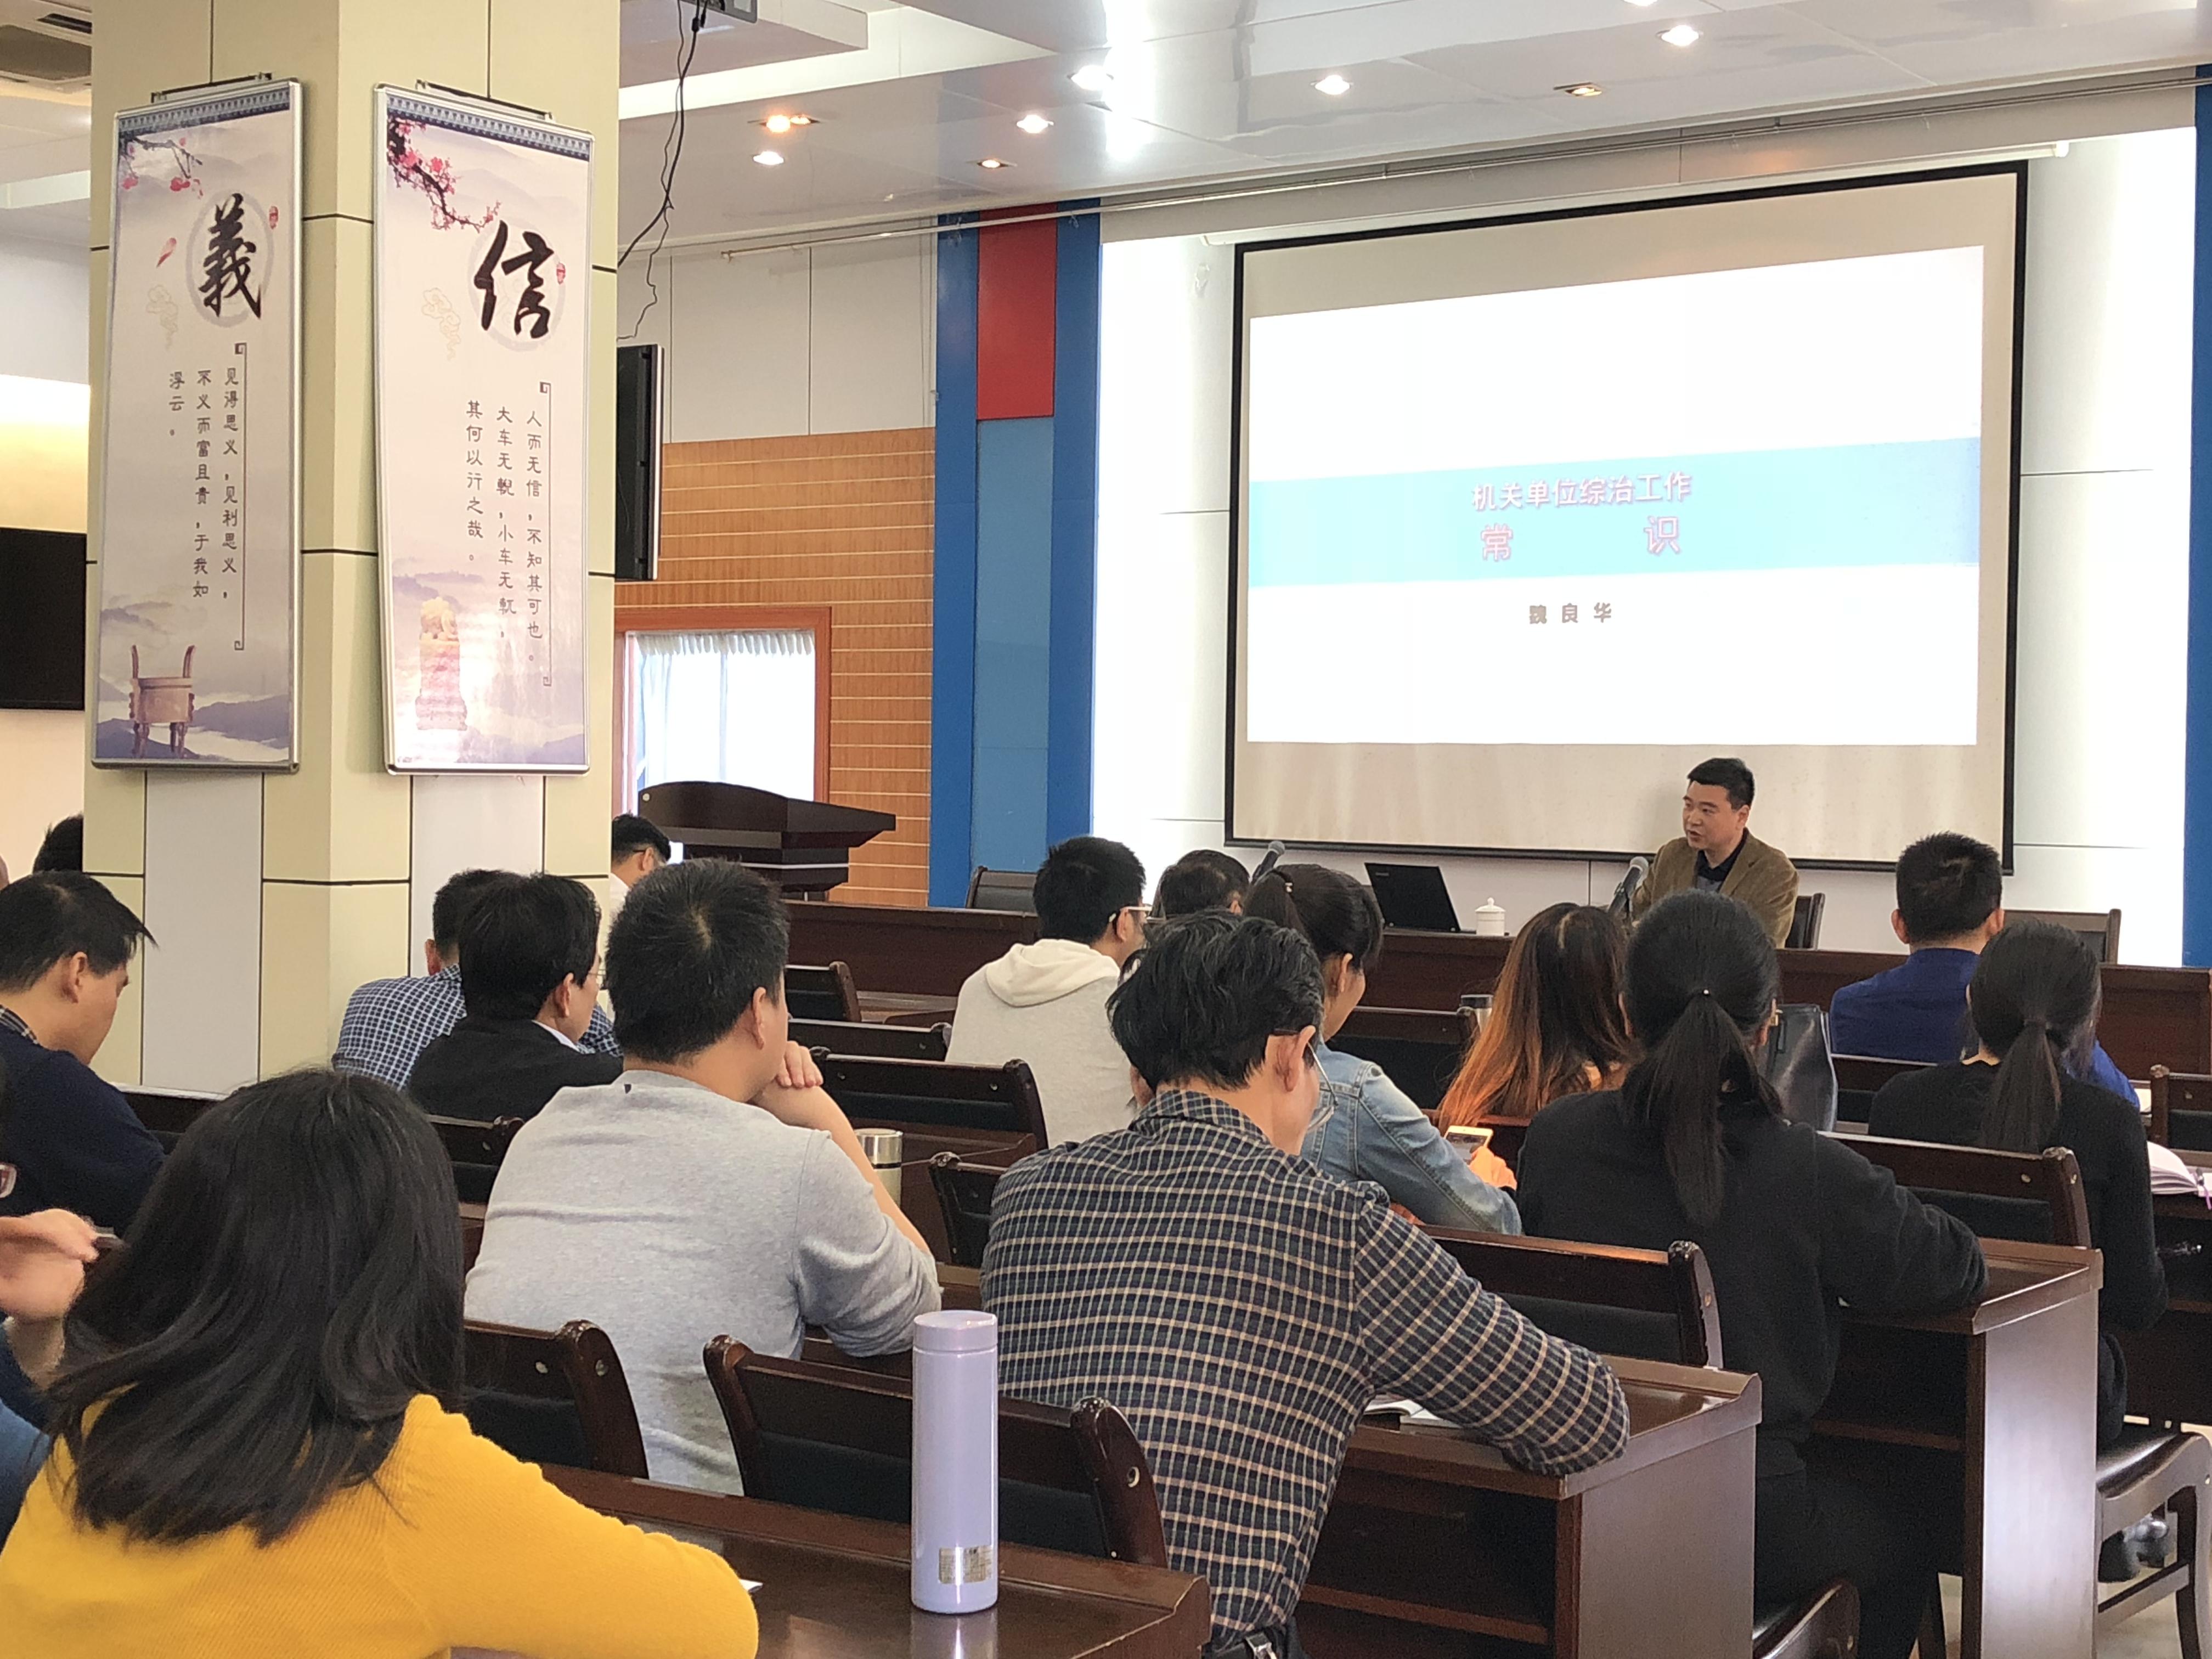 三明:举办综治工作培训 提高平安建设能力